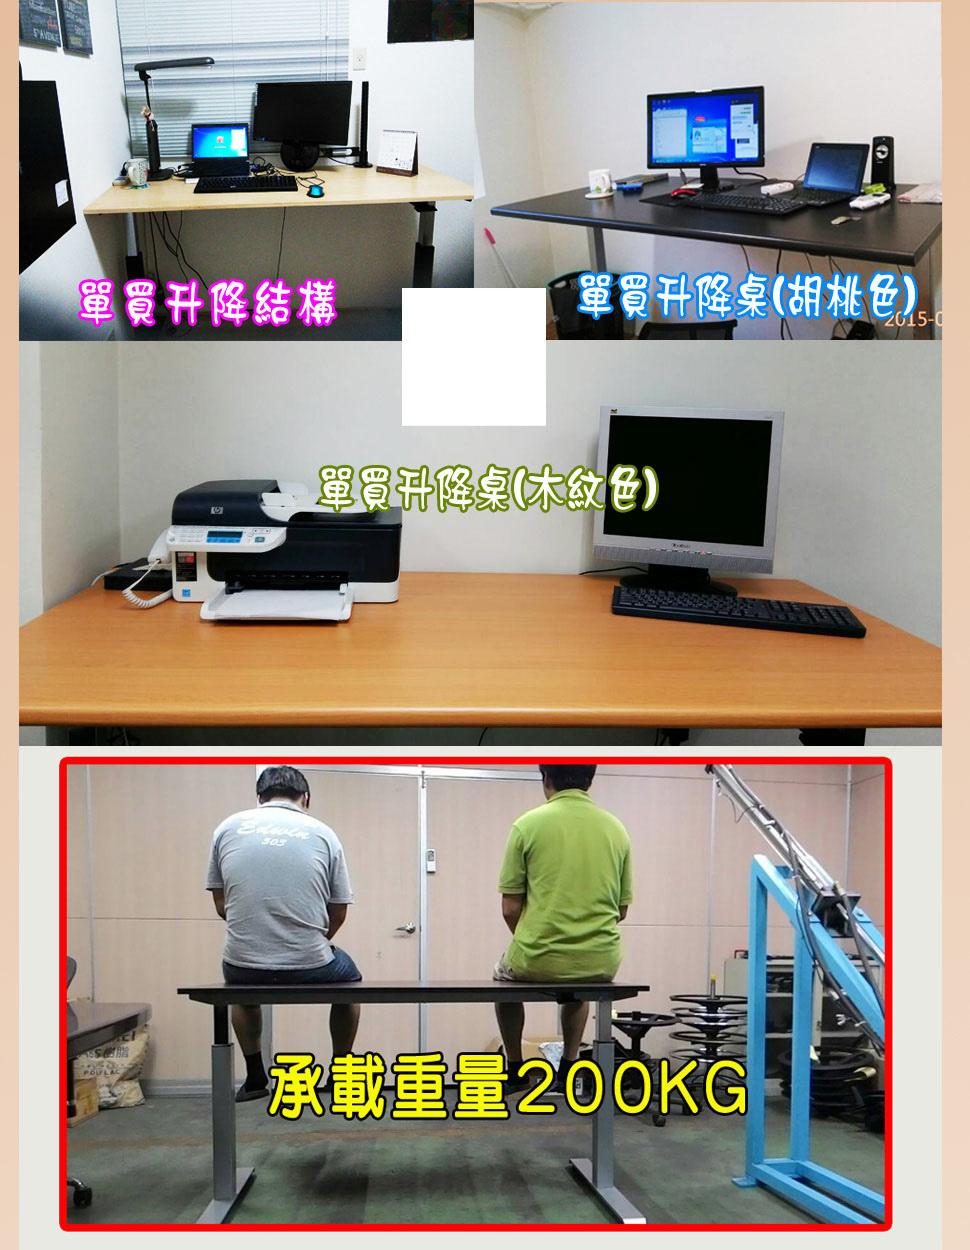 升降桌 昇降桌10